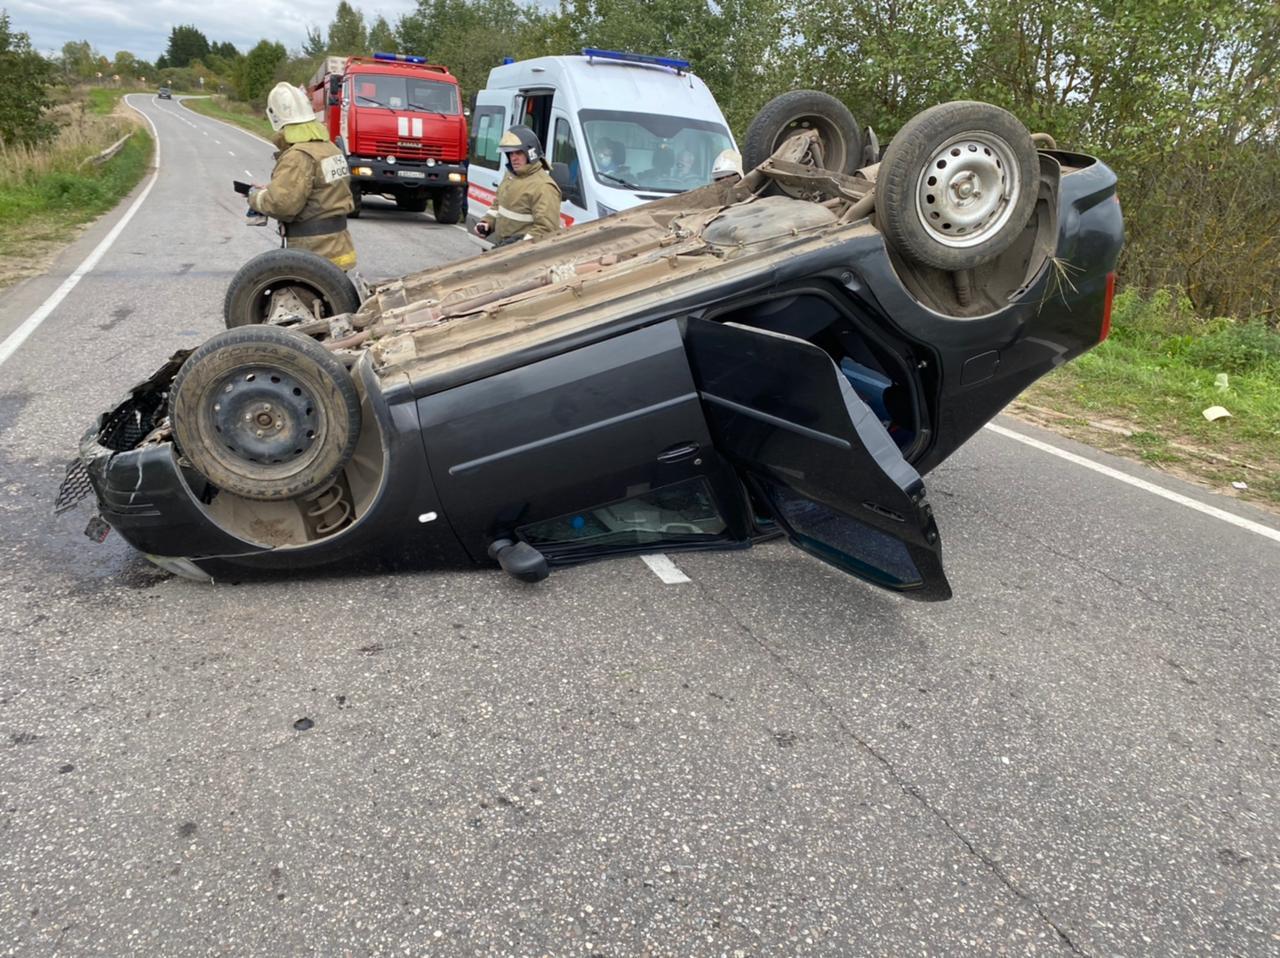 Пьяный водитель перевернул легковушку на дороге в Тверской области, пострадали два человека - новости Афанасий